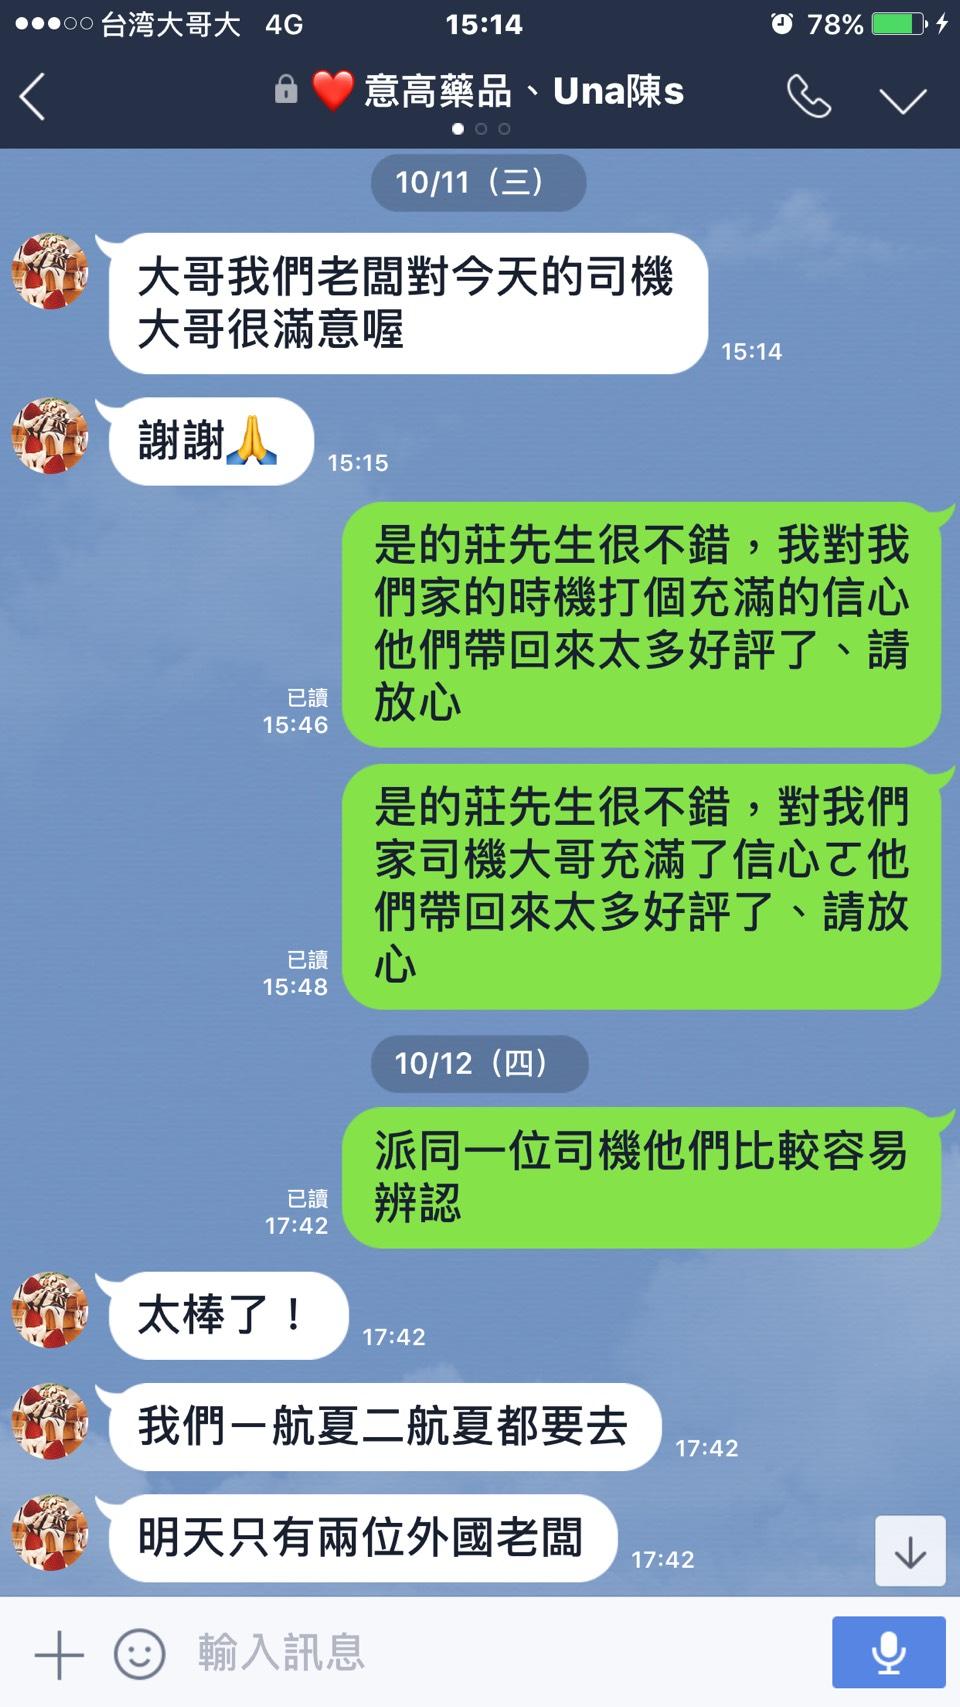 旅遊包車推薦 (37).jpg